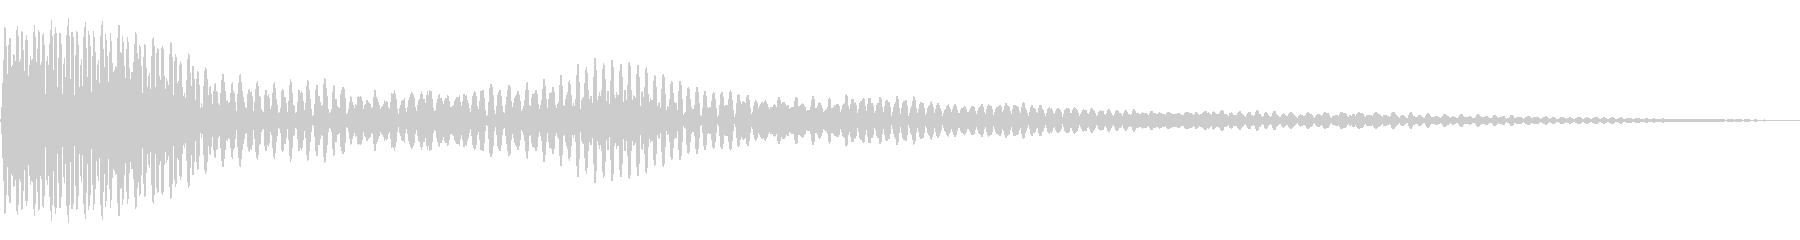 プン(01_クリック_02)の未再生の波形